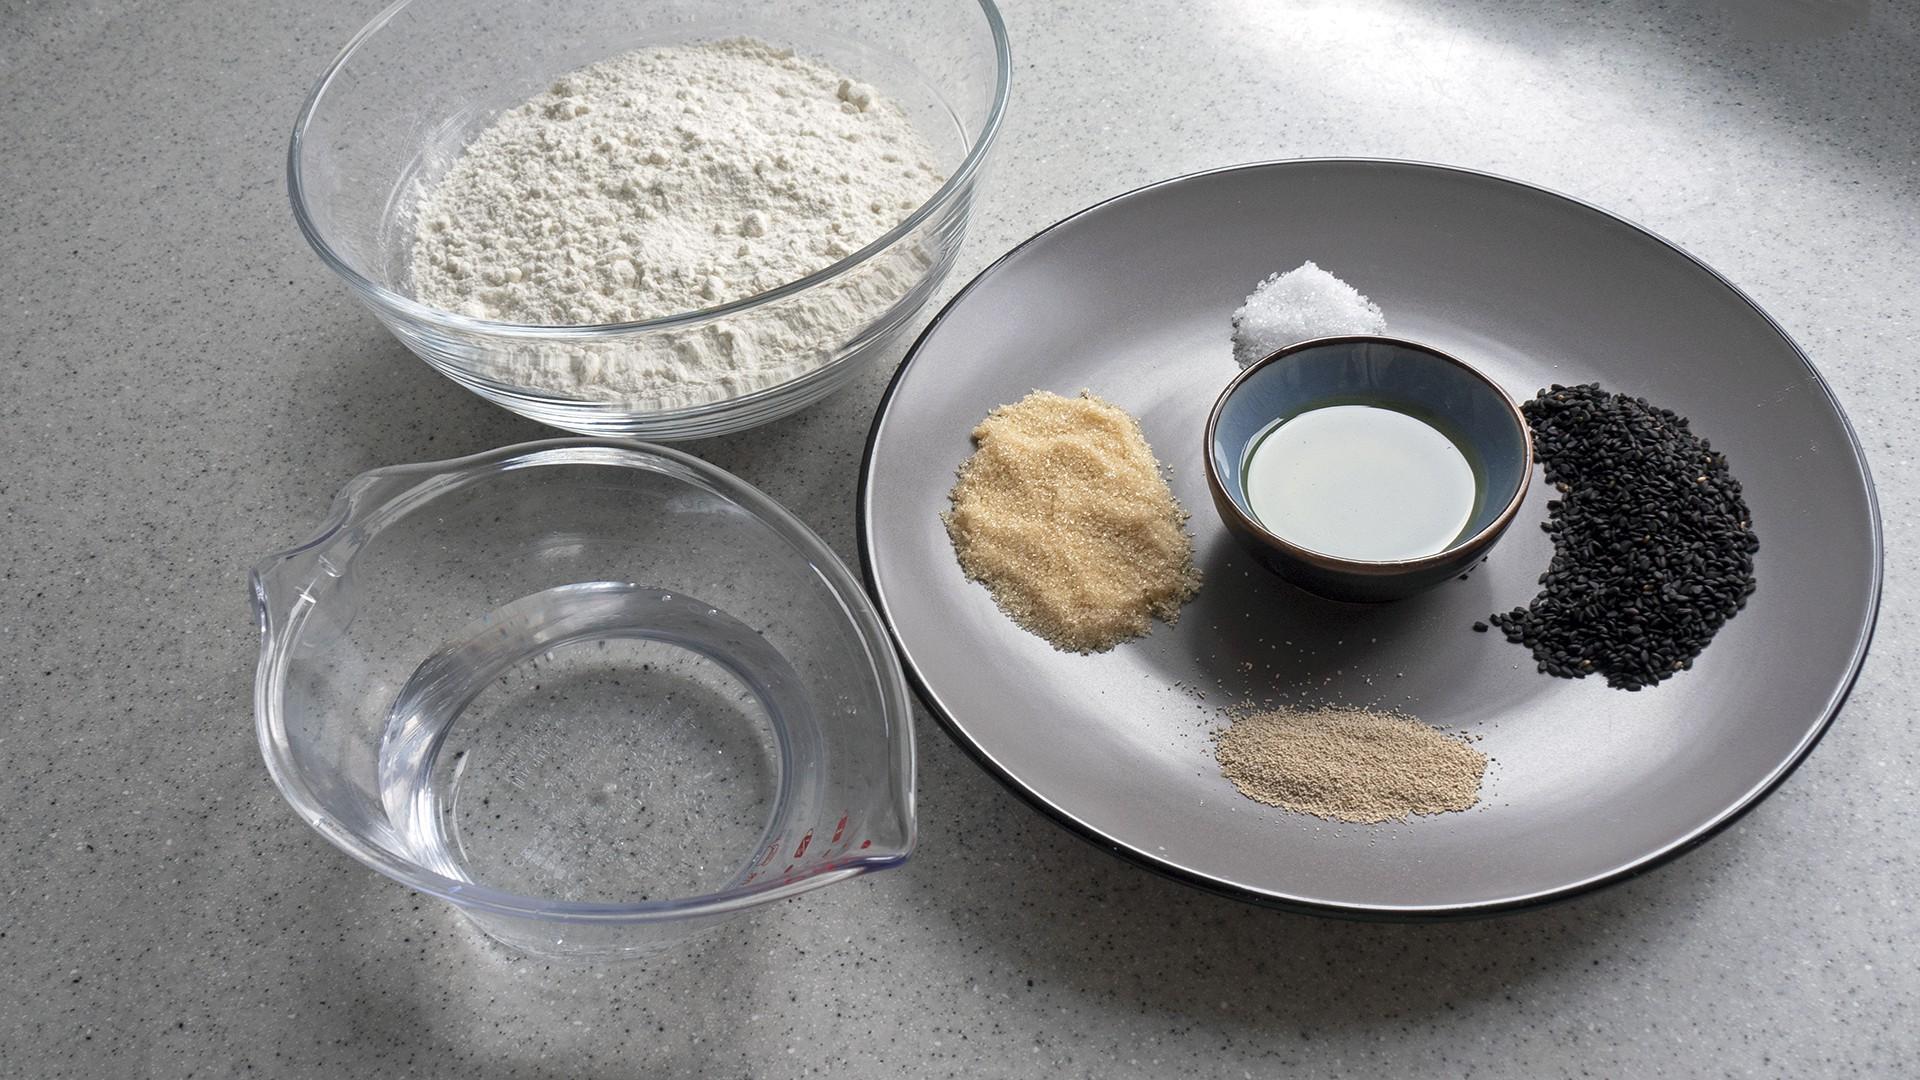 Yêu bánh mì không thể bỏ qua công thức bánh mì thơm mềm tuyệt ngon này - Ảnh 2